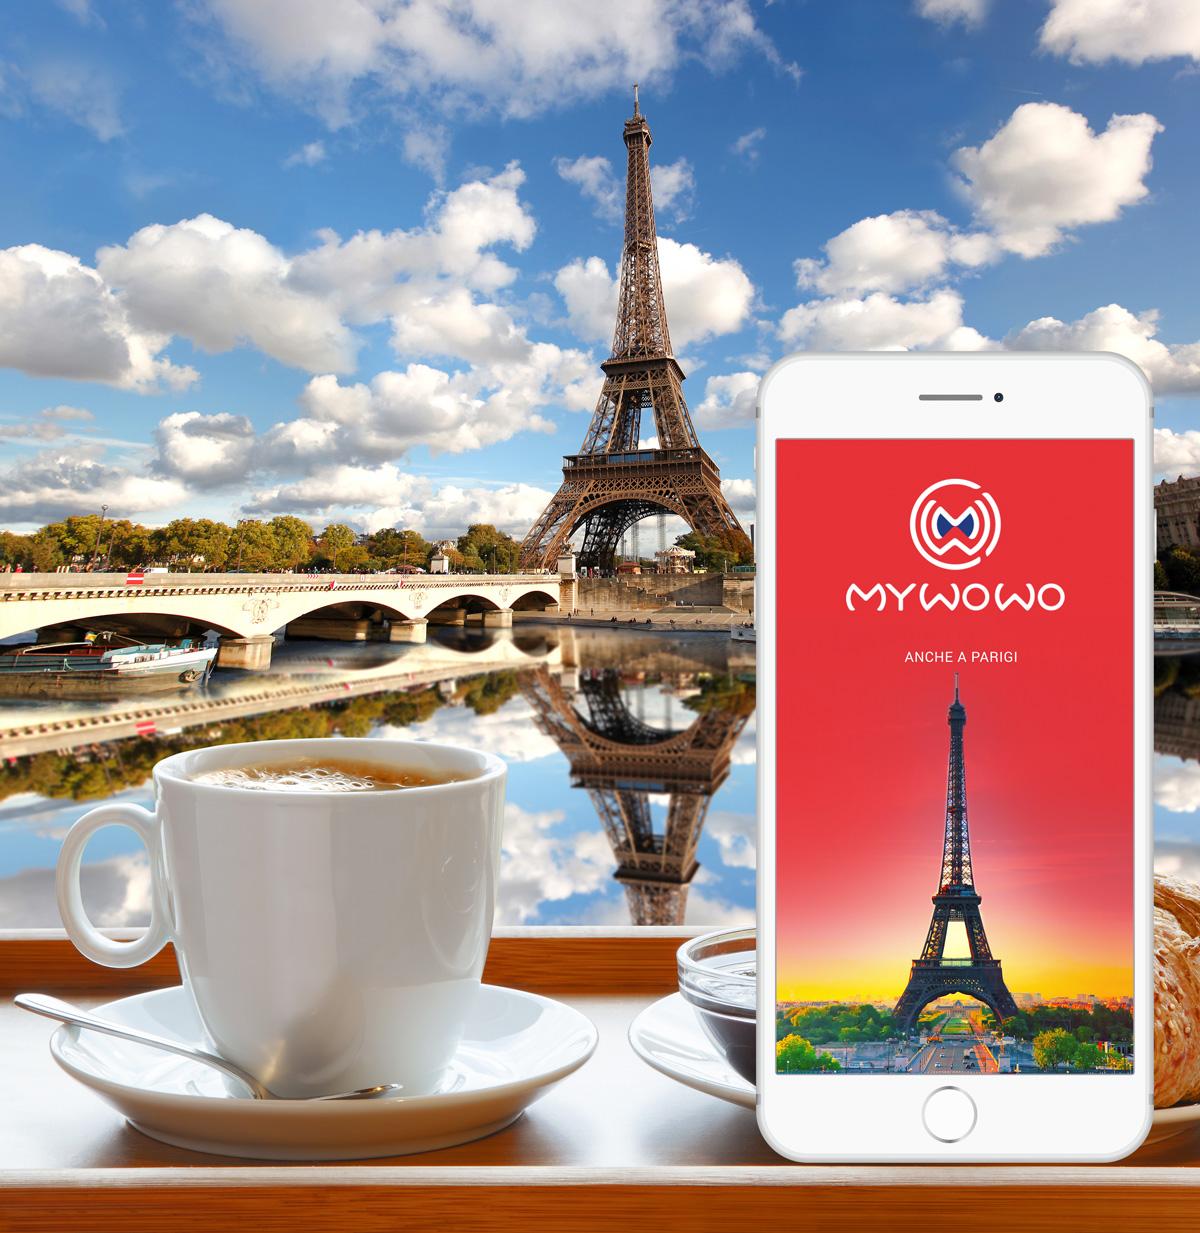 My WoWo, la mia audioguida parigina in un'App